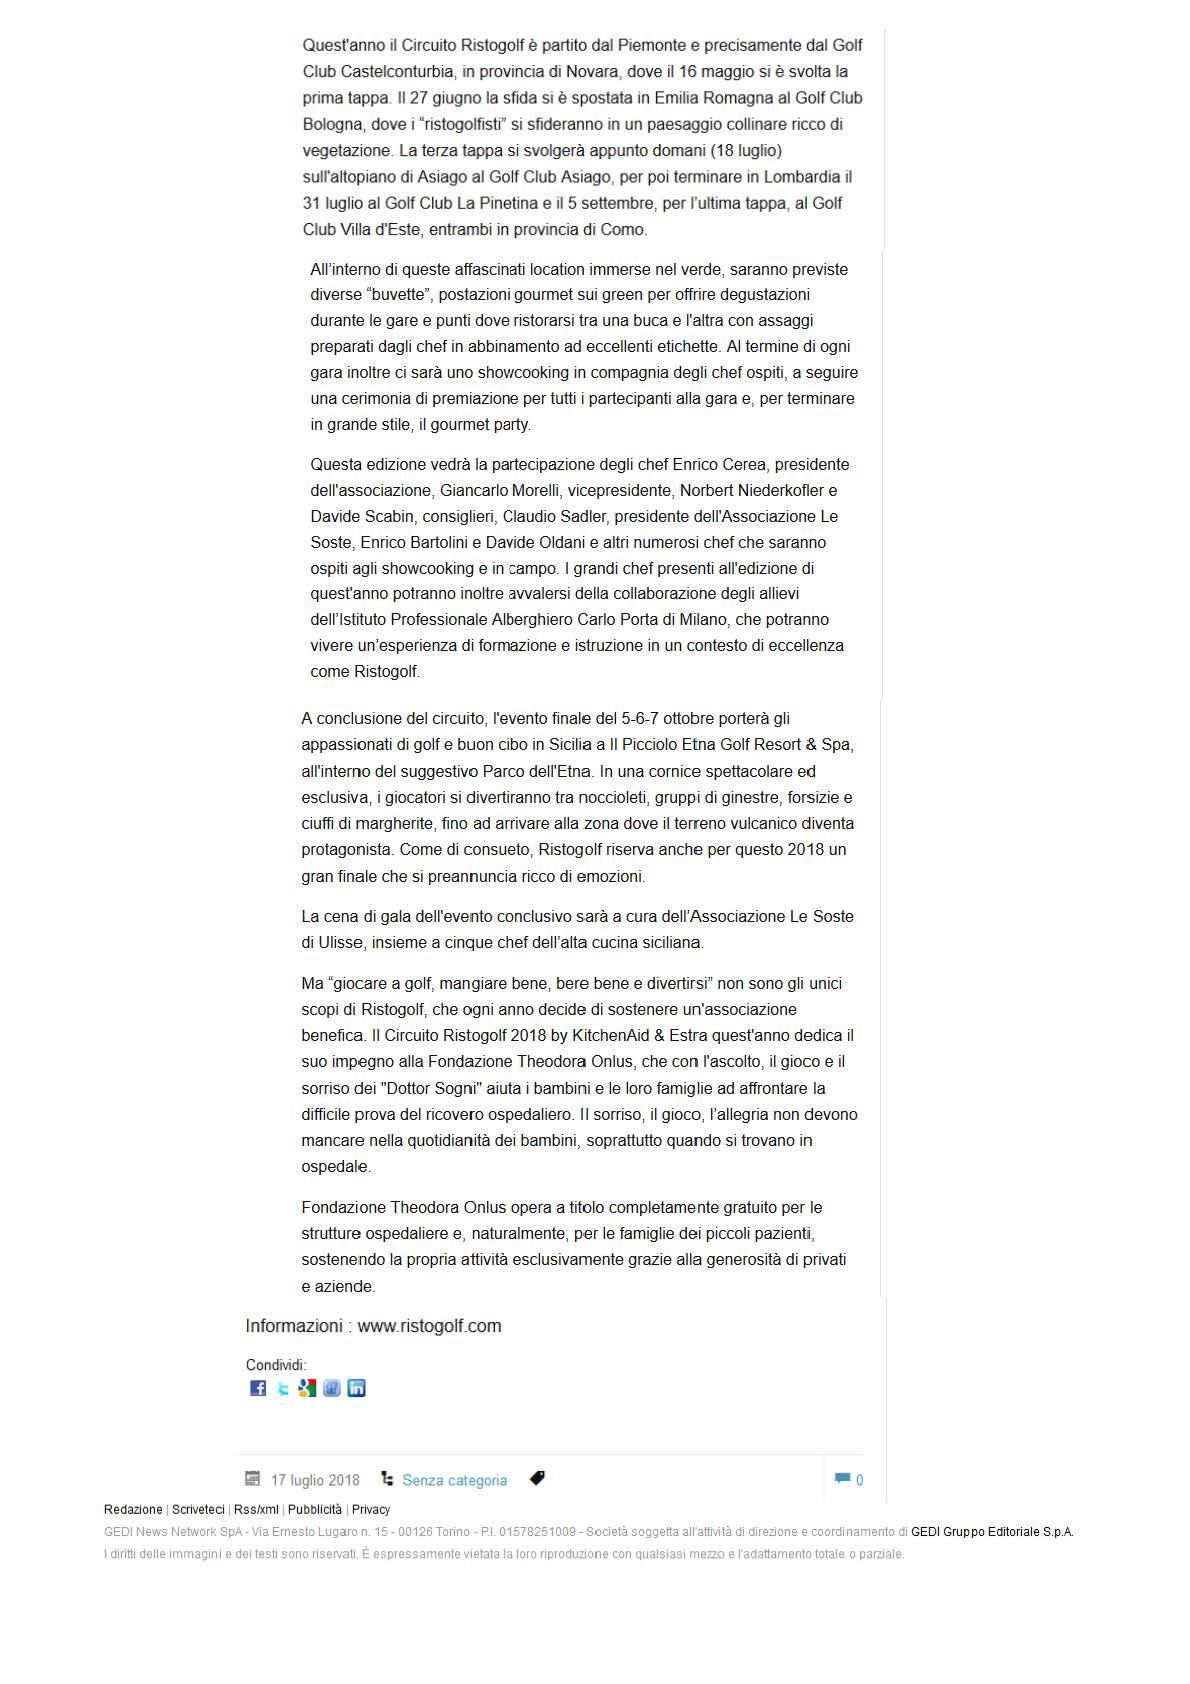 2018.07.17 Il Mattino di Padova_Page_2